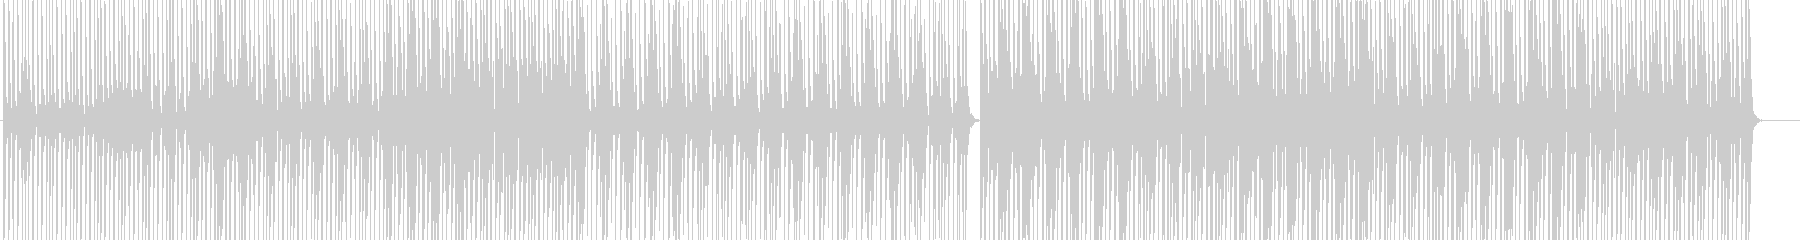 エレクトロ-カフェ-トロピカル-スイートの未再生の波形